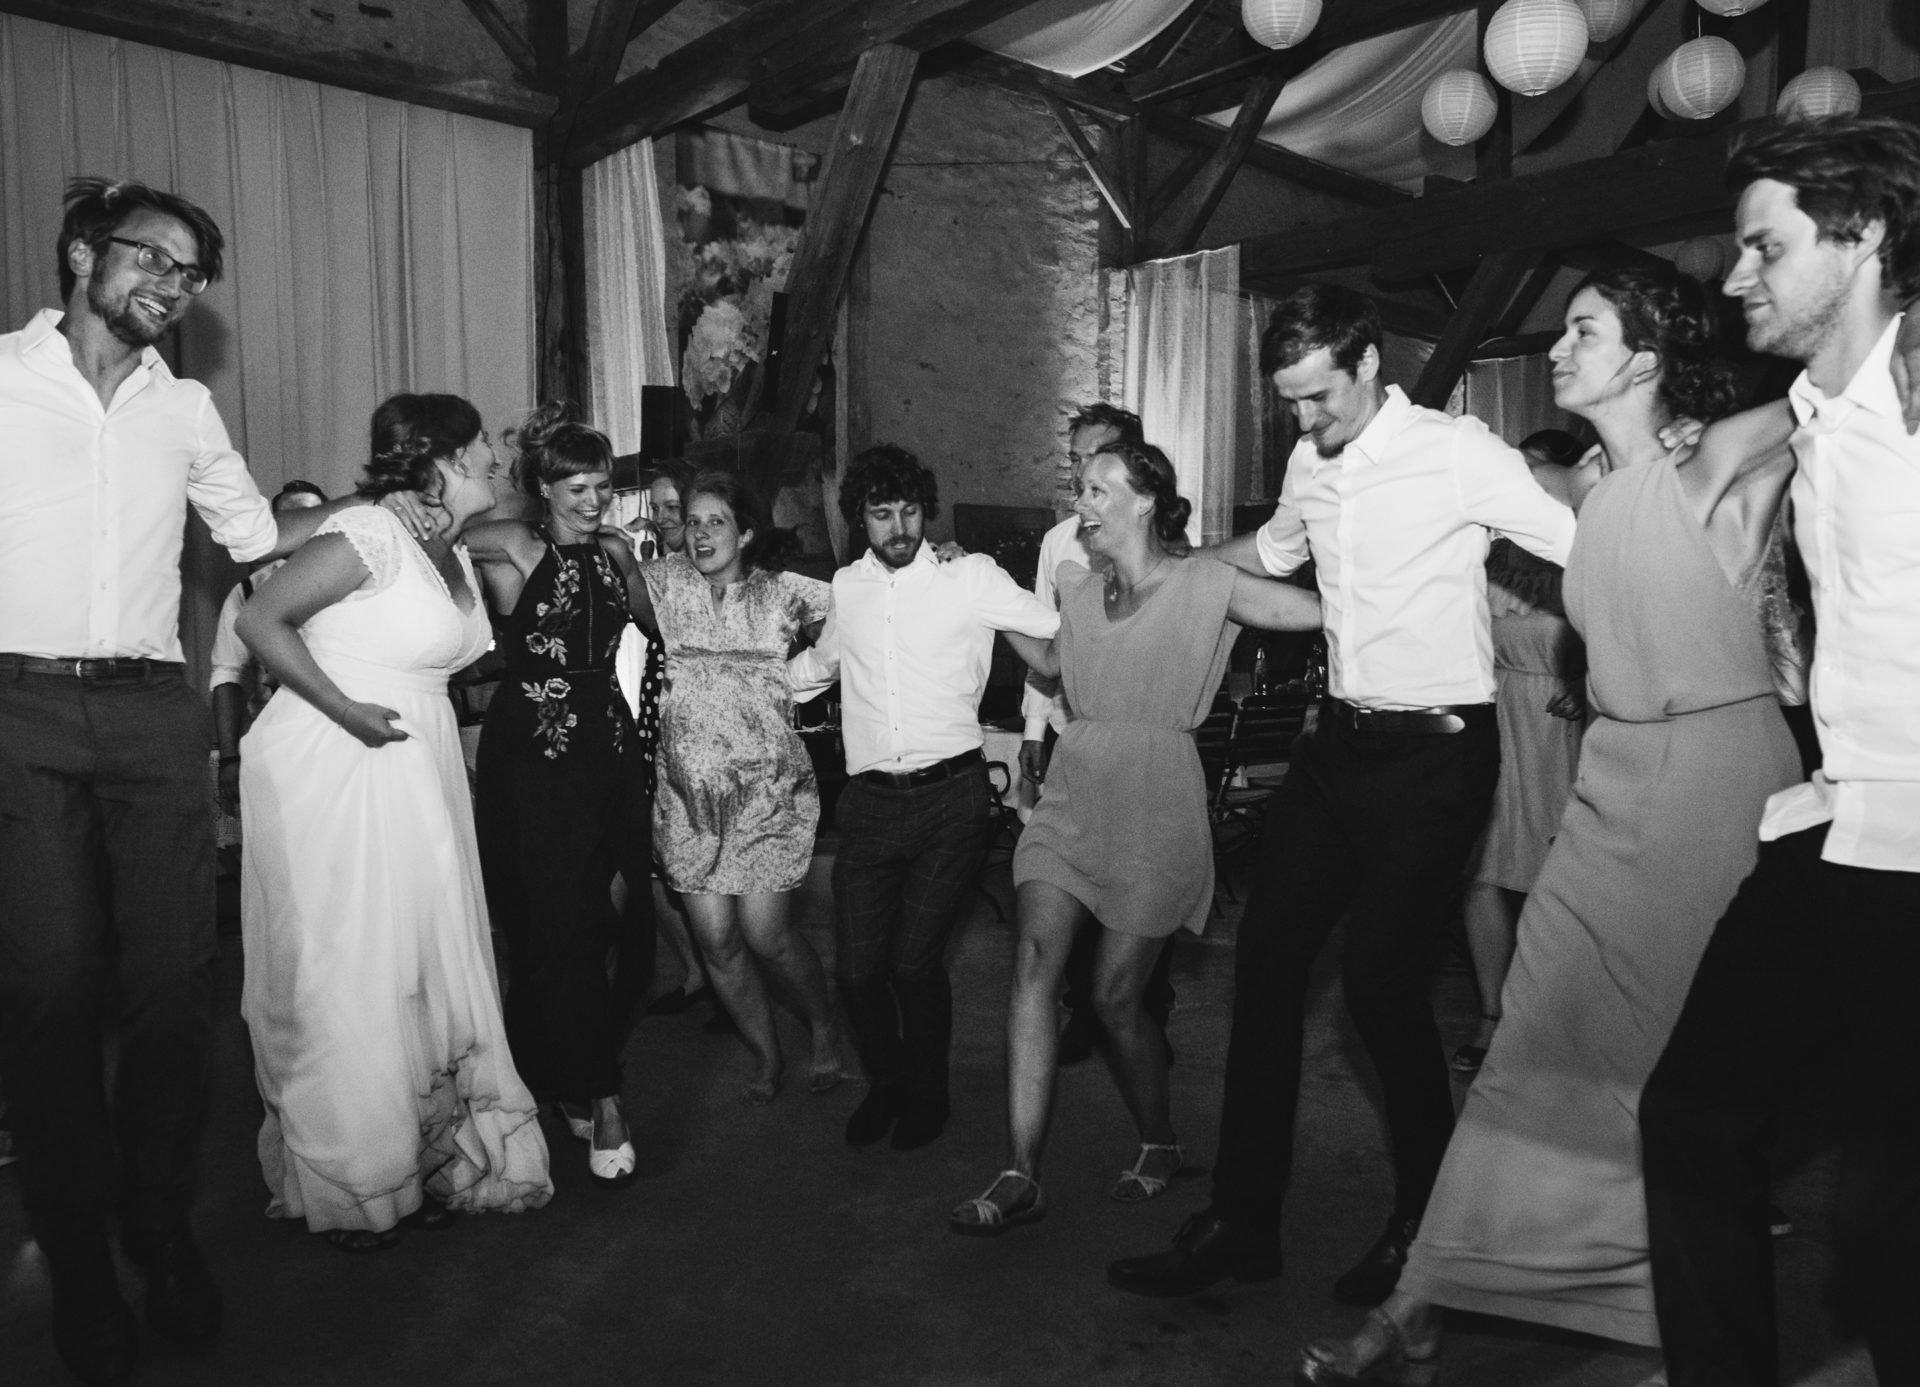 50mmfreunde Berlin Hochzeit 102 1920x1387 - Sommerhochzeit in dem Vierseithofcafé im Berliner Umland